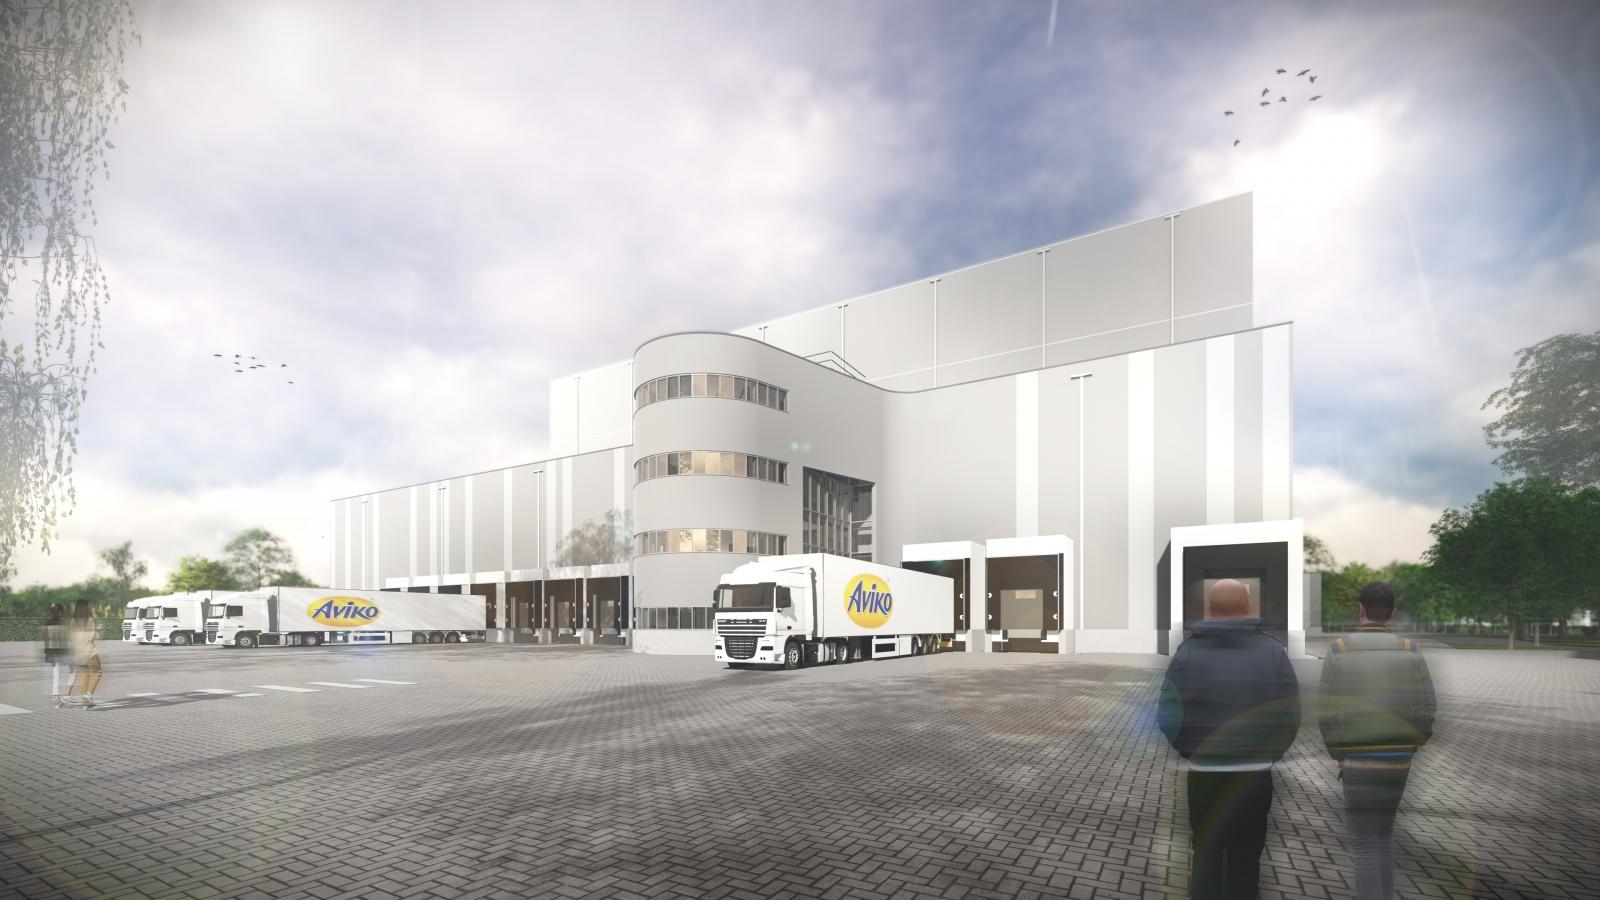 'Outstanding' vrieshuis voor Aviko in Steenderen